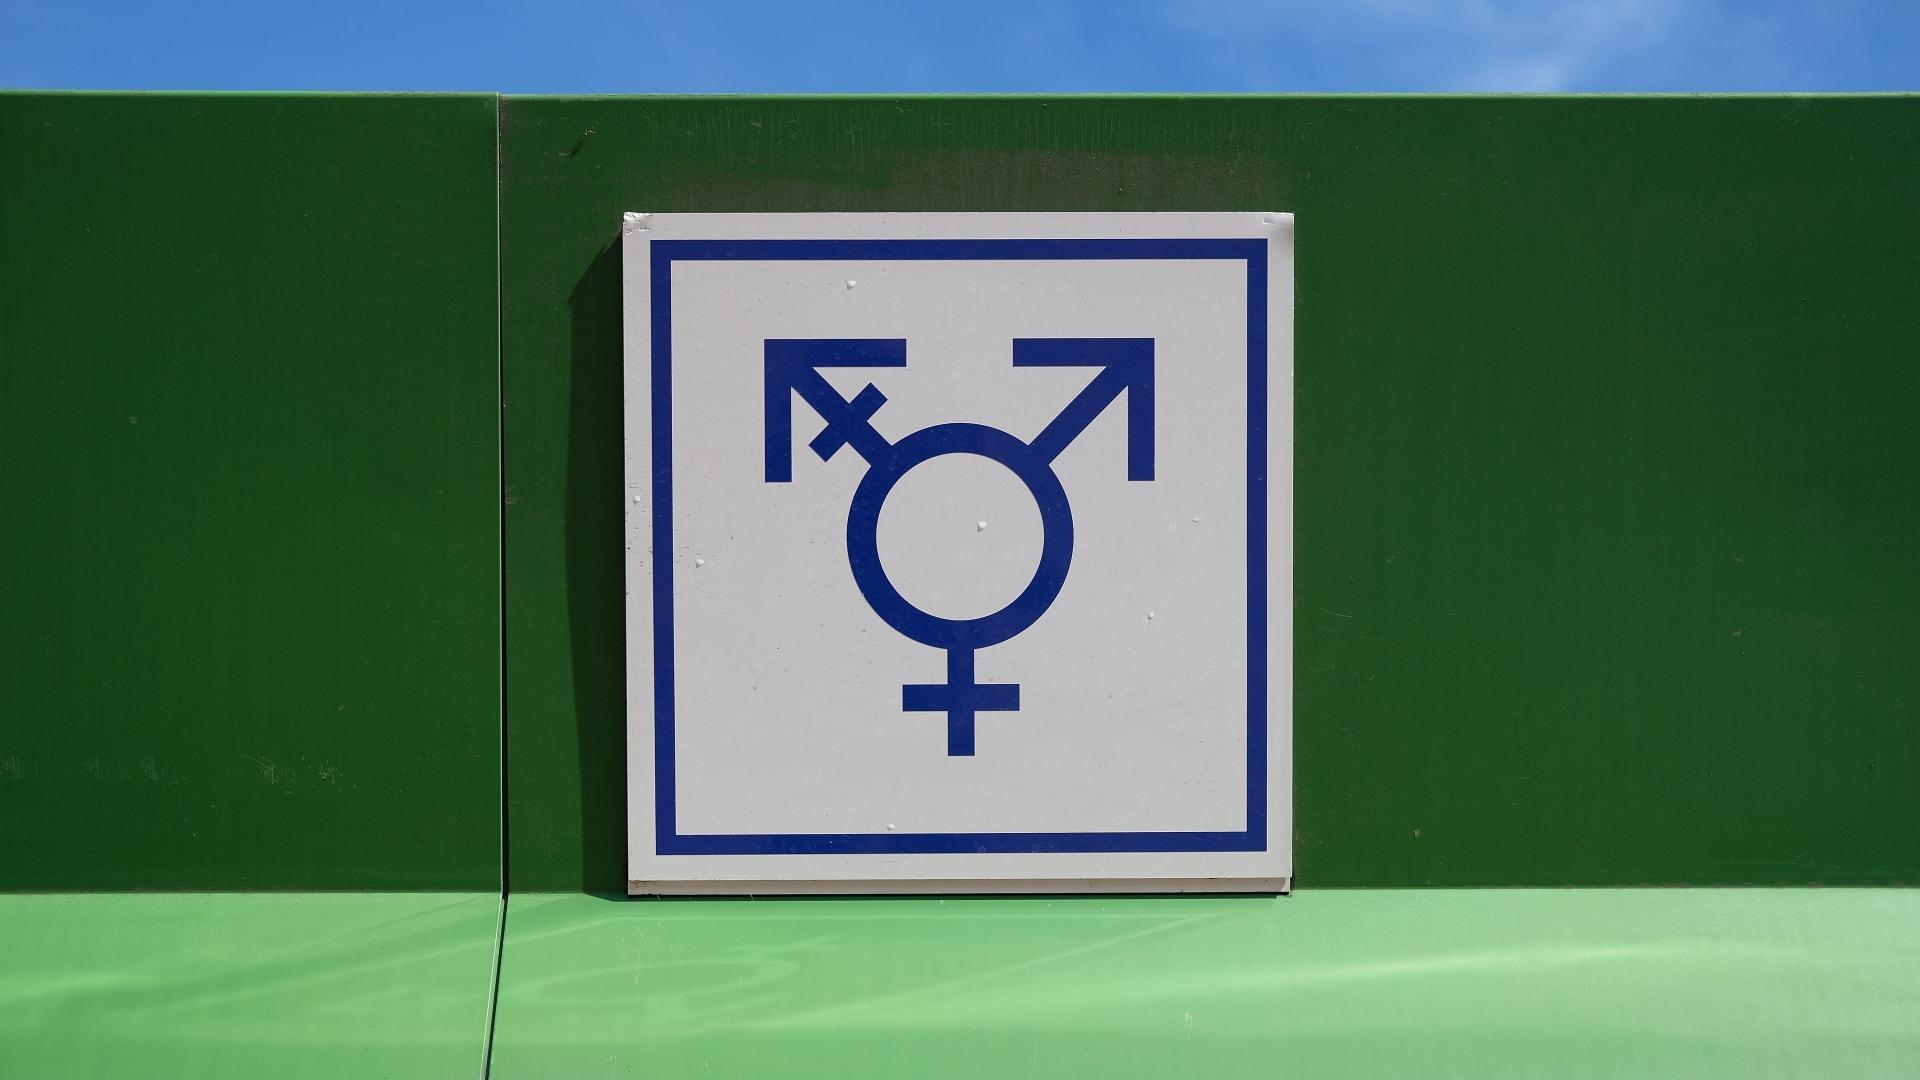 إشارة تعليمية تحمل شعار الذكر والأنثى والمتحولين جنسيا